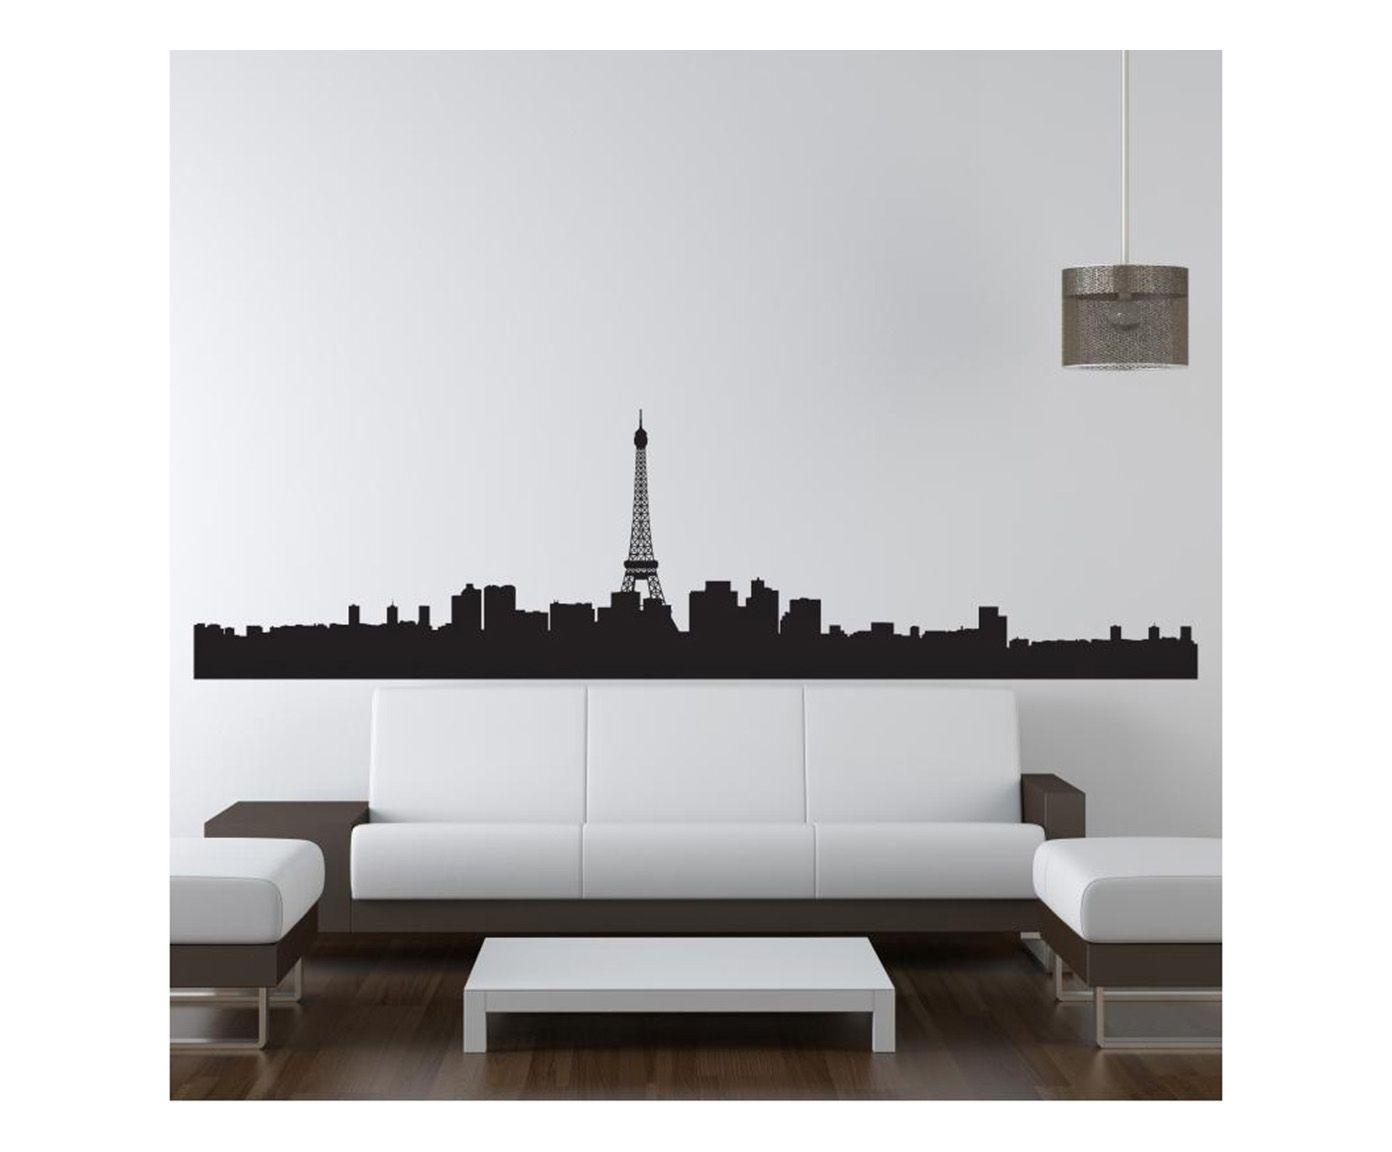 Adesivo in pellicola vinilica I Love Paris 120x34 cm